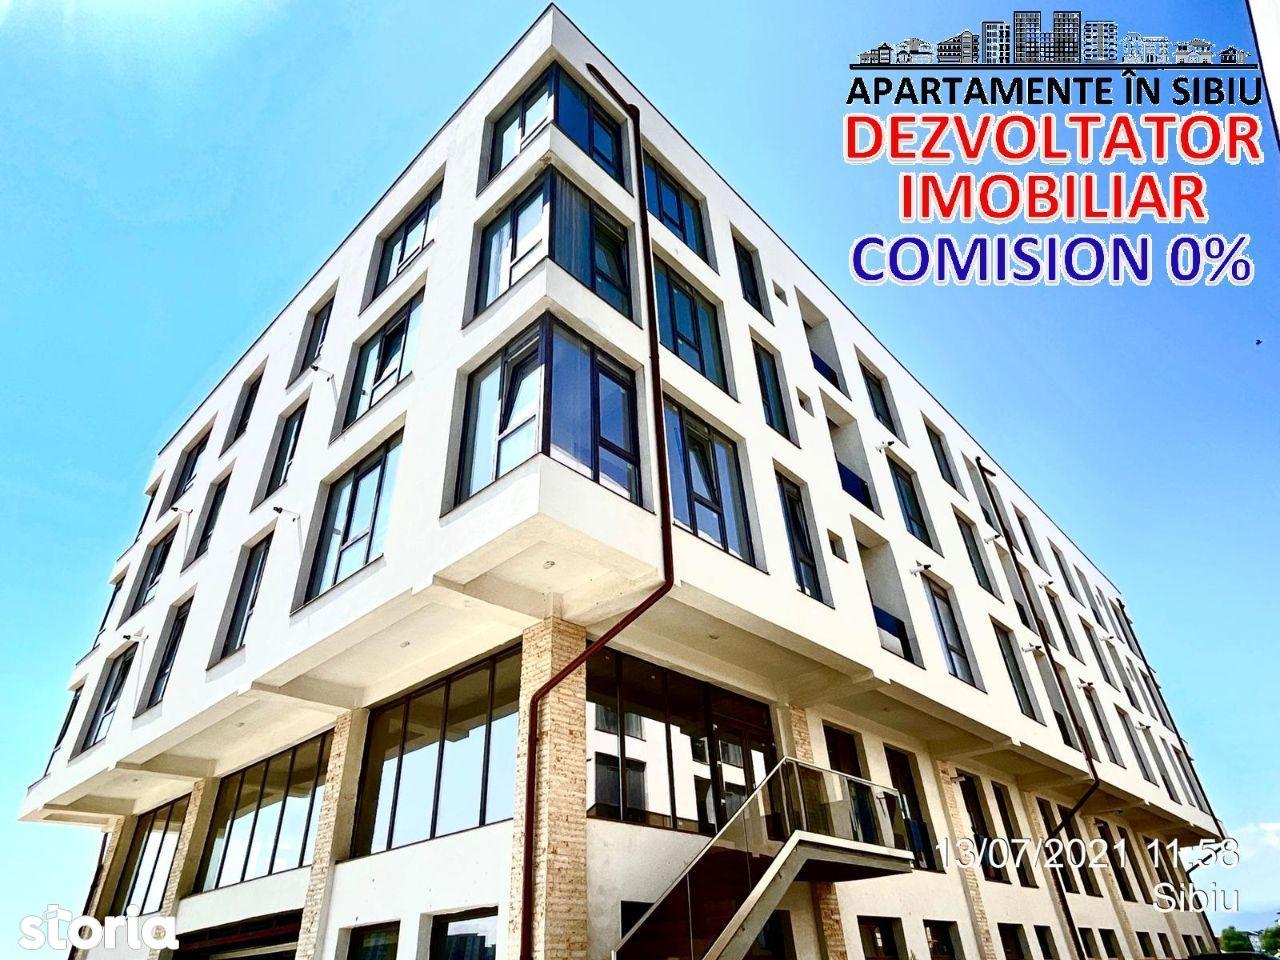 Azure Residence Sibiu Apartament cu 2 camere str. Doamna Stanca nr. 55